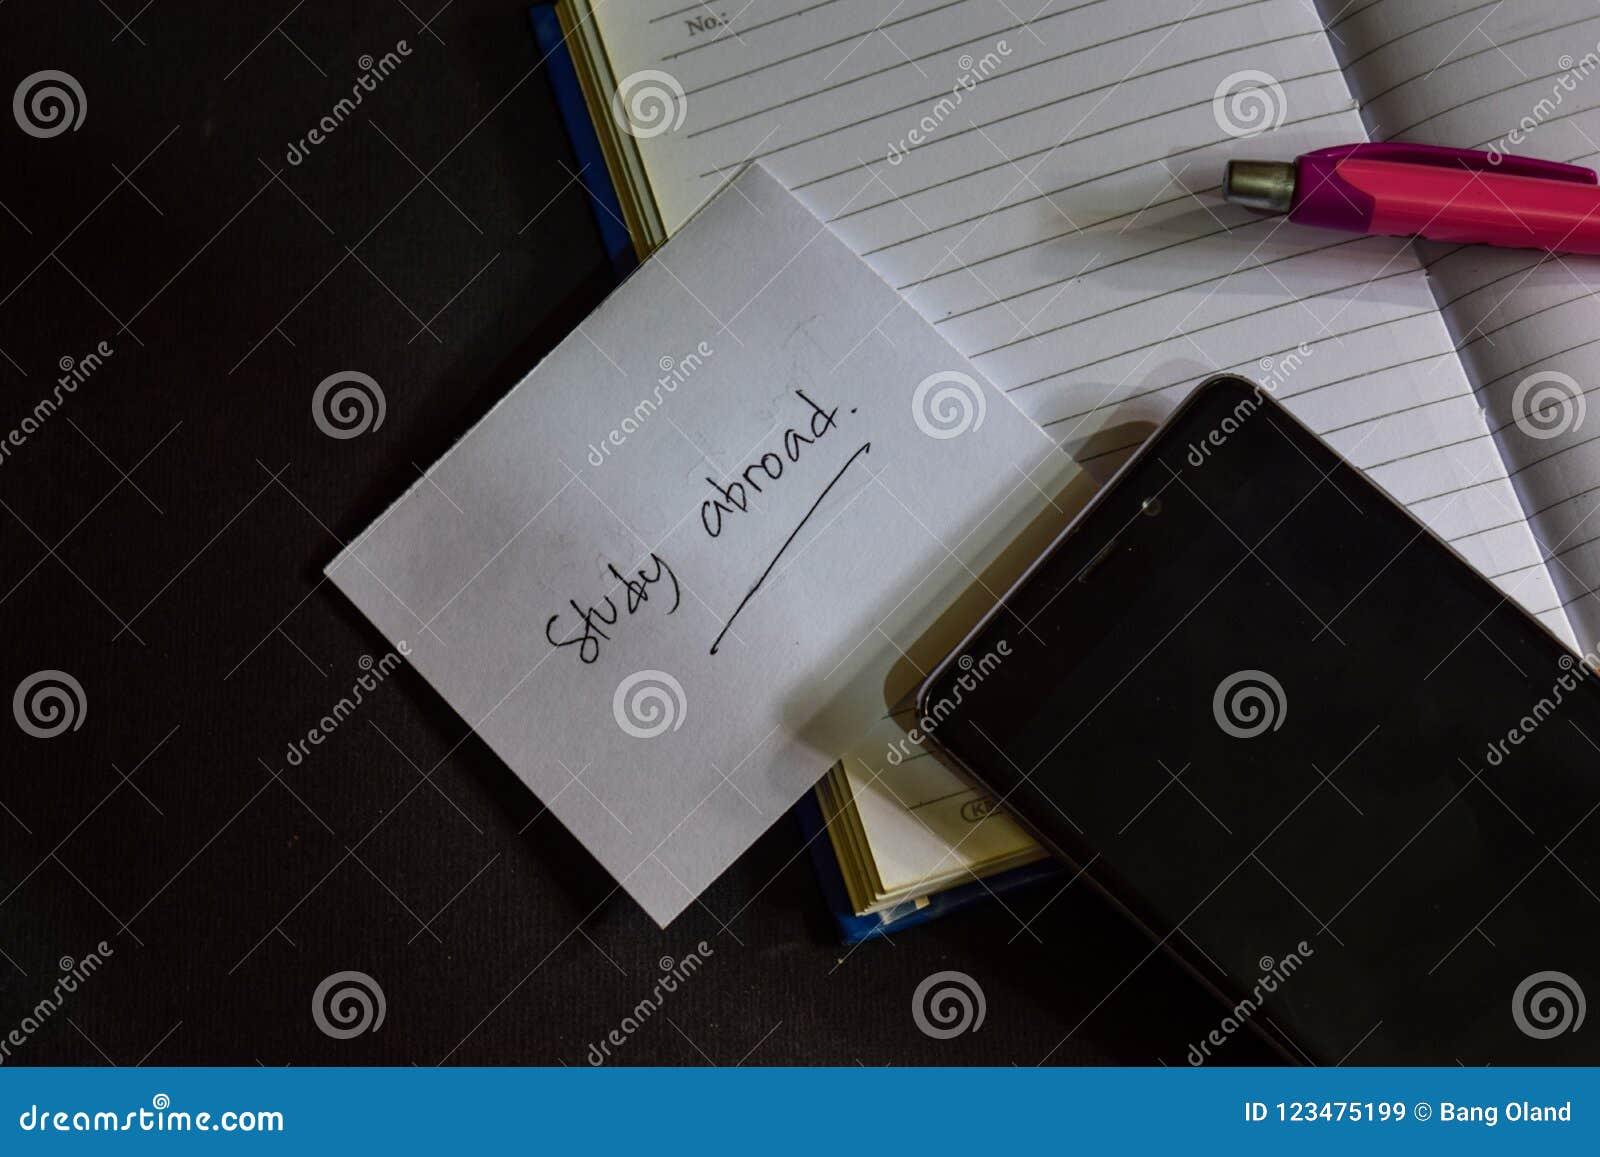 Nauki za granicą słowo pisać na papierze studiuje za granicą tekst na workbook, Czarny tła pojęcie